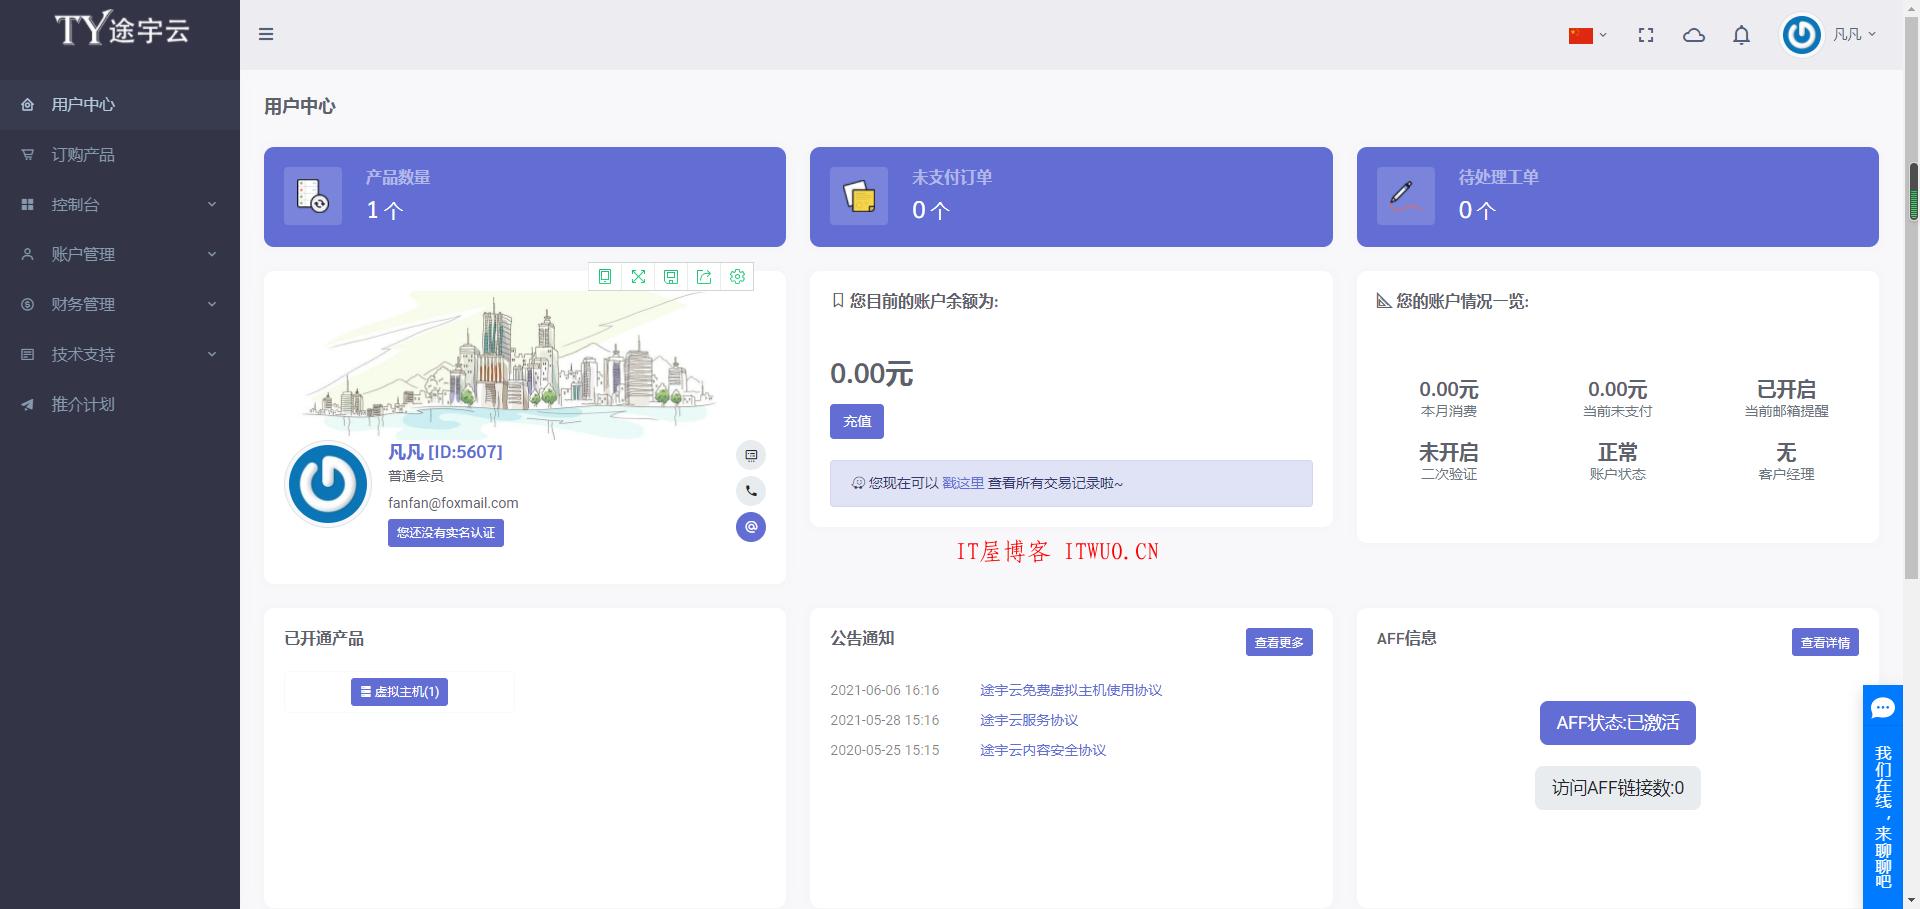 【转载】智简魔方财务IDC销售系统会员中心模板